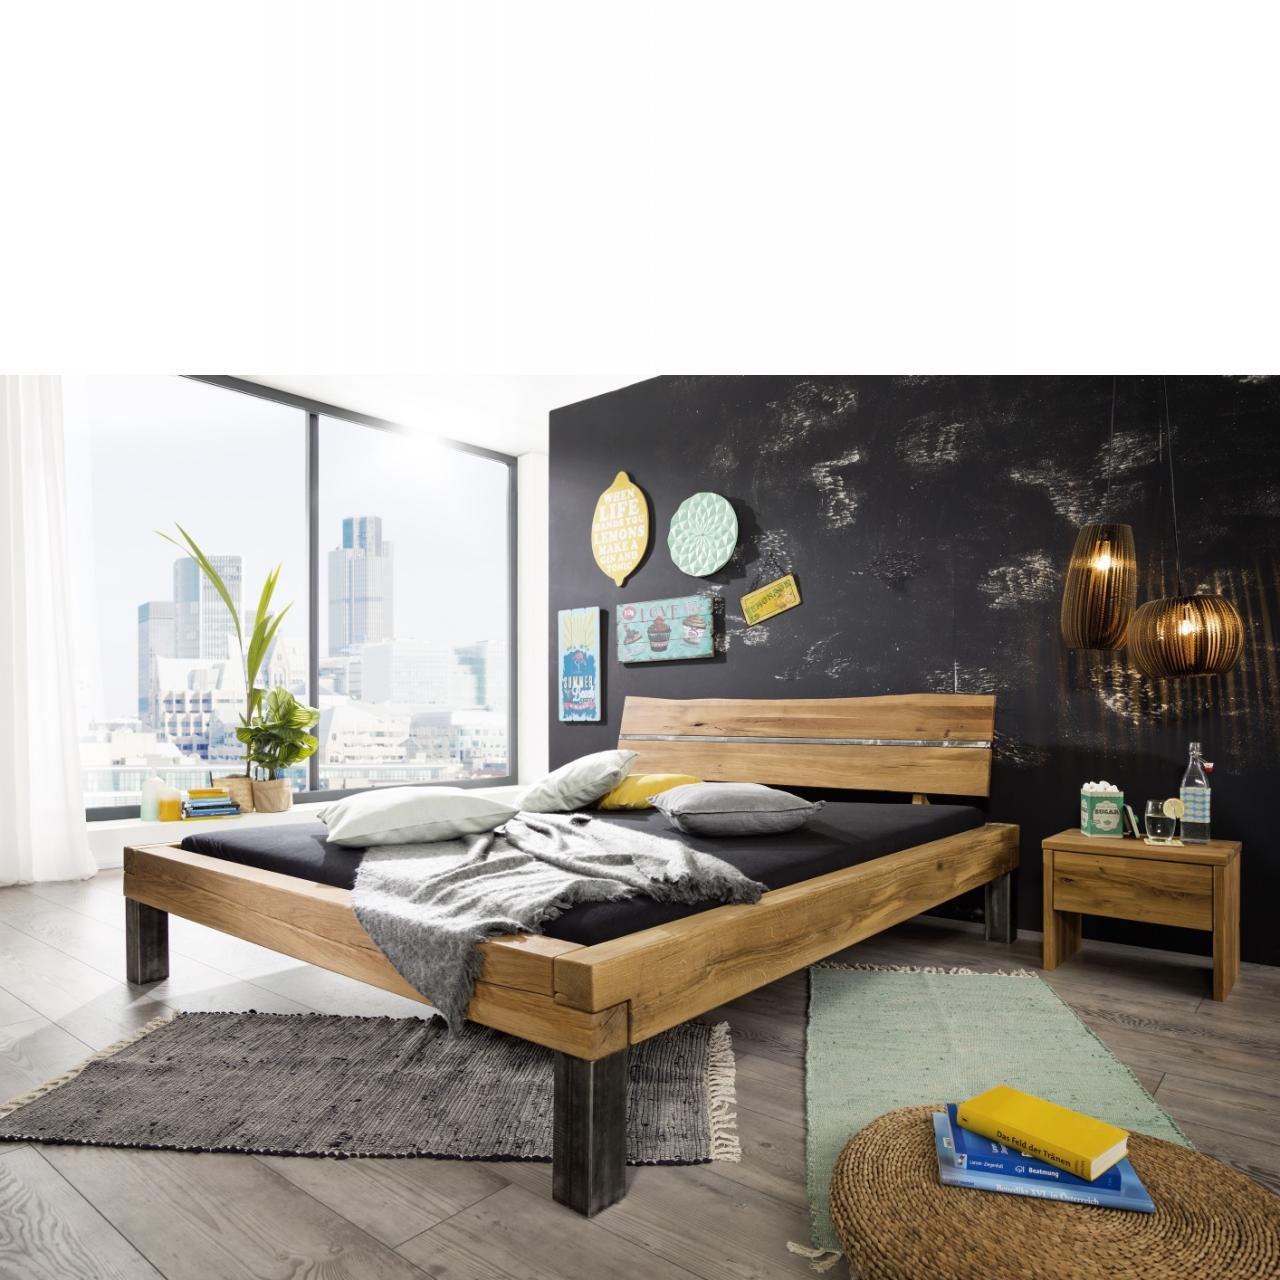 Bett BE-0246 Wildeiche massiv geölt Schlafzimmer Mit Kopfteil Echte Baumkante